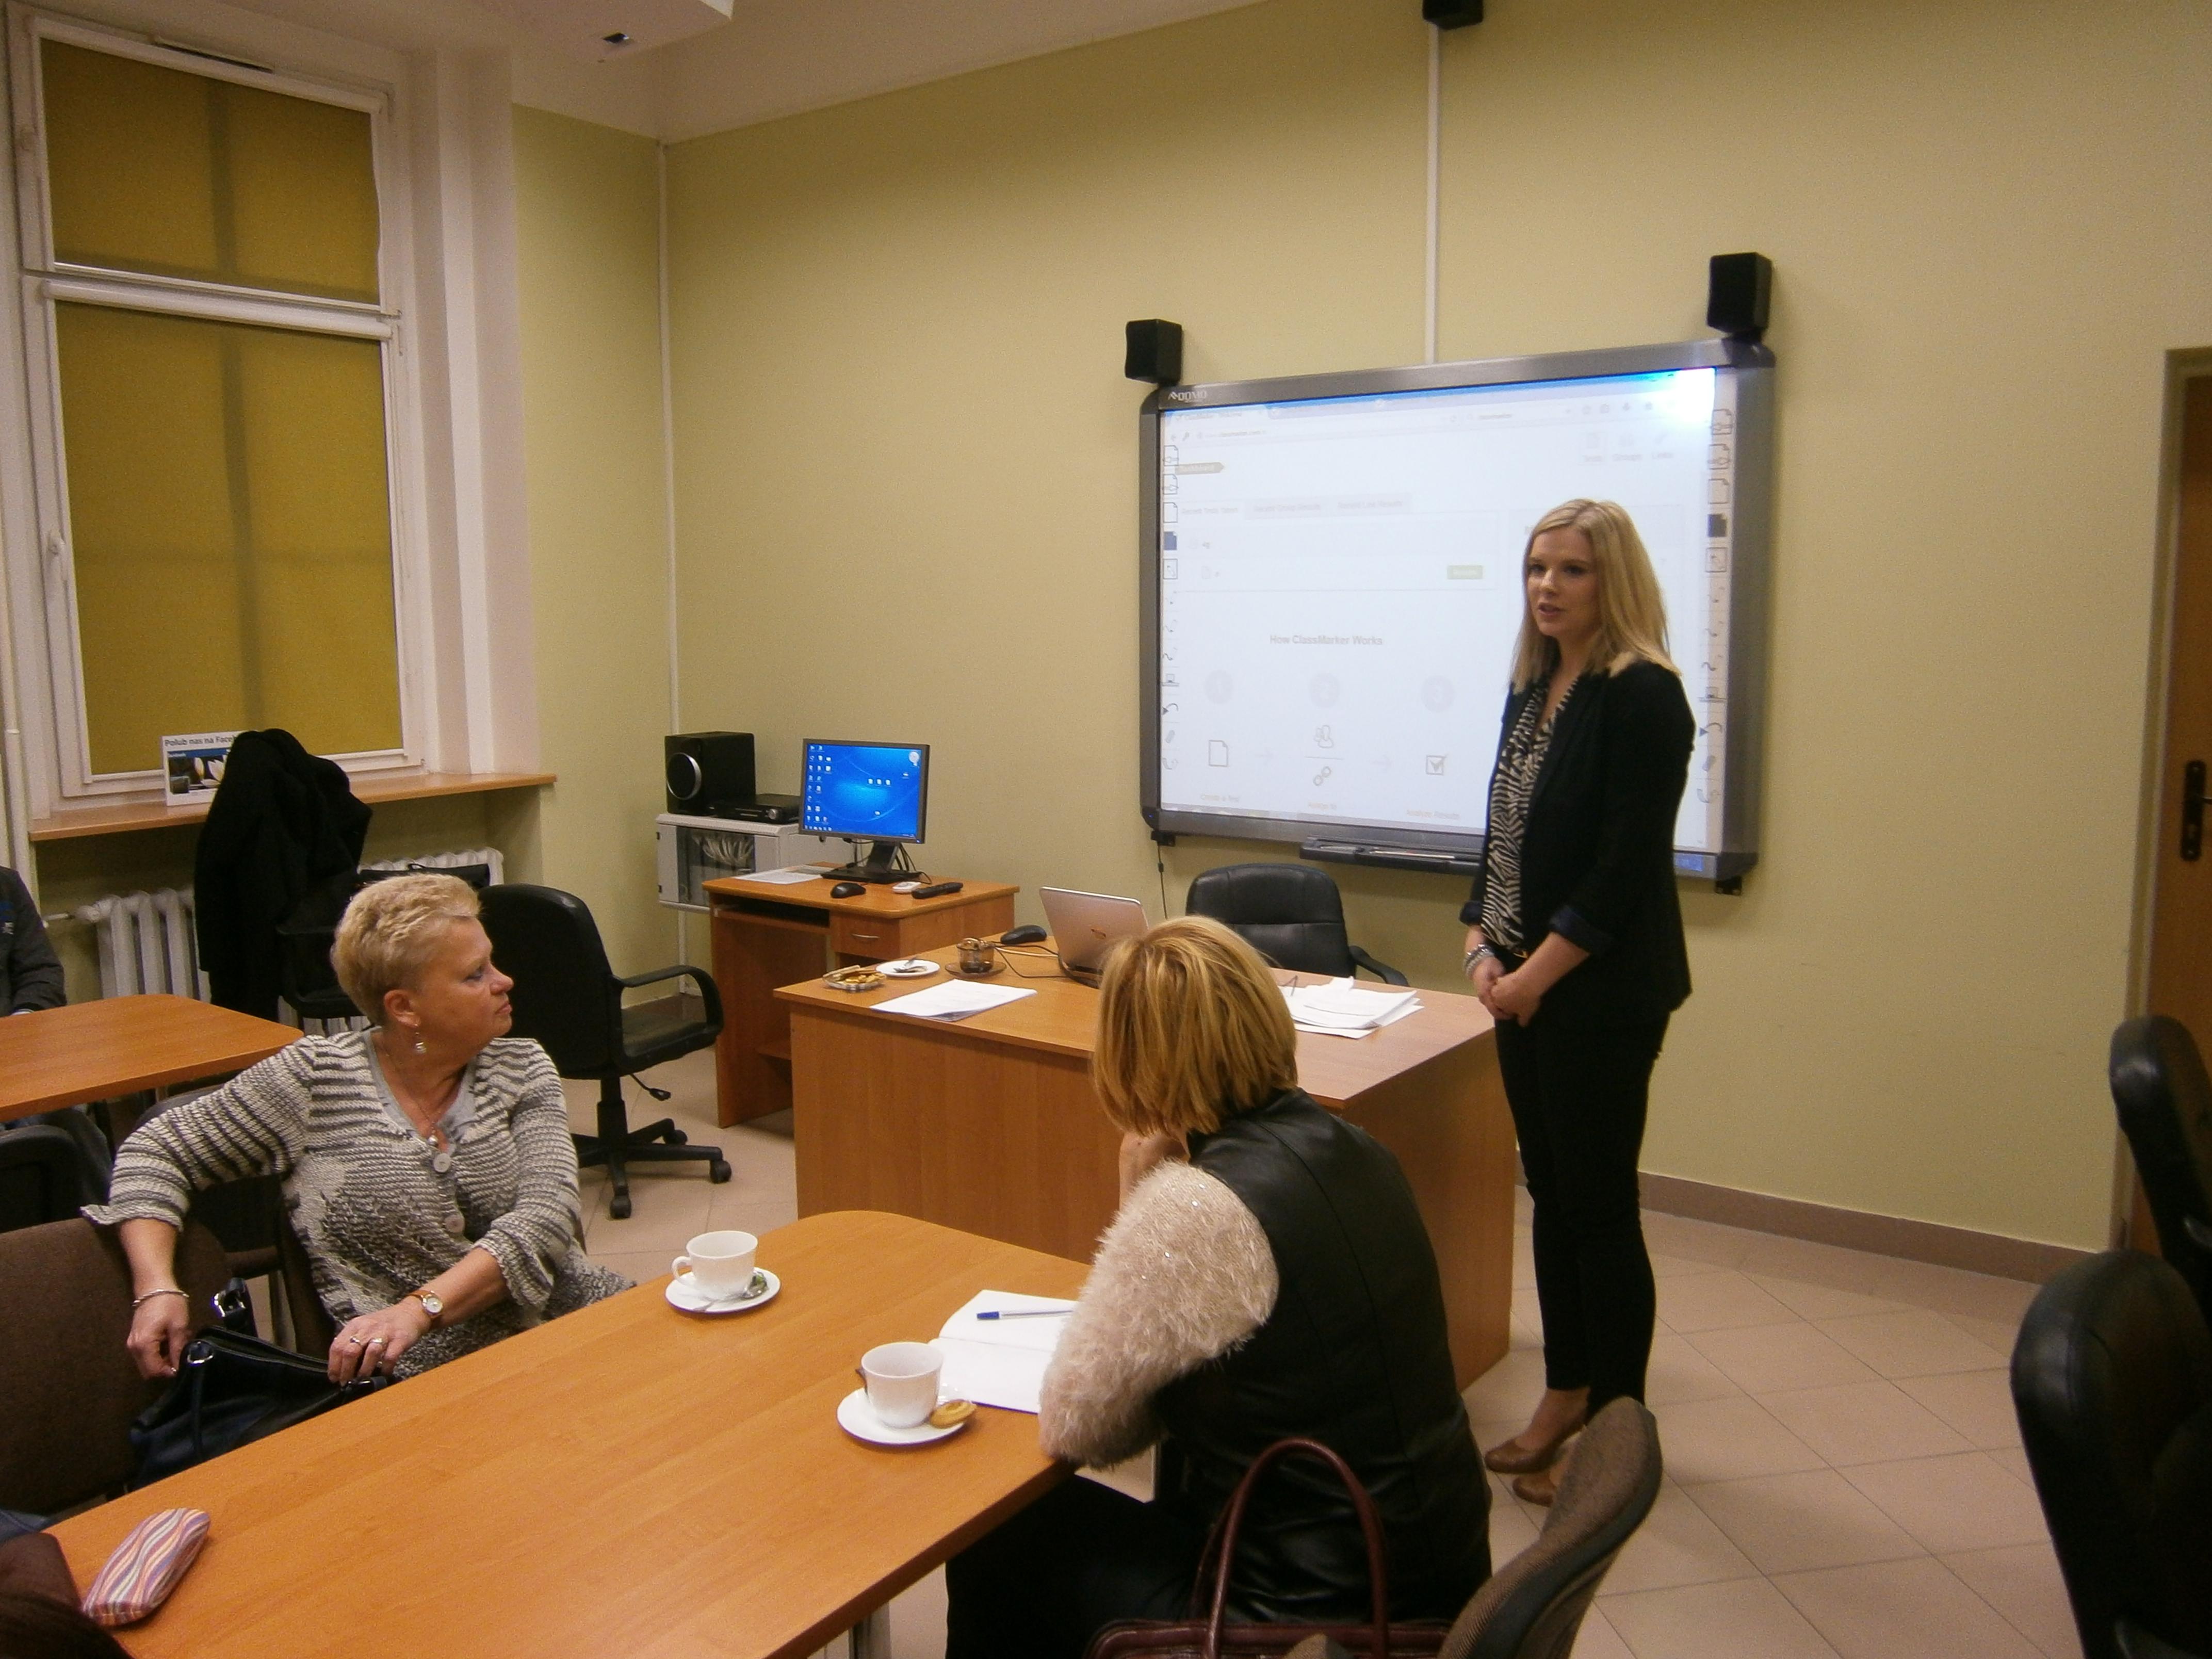 Narzędzia interaktywne w szkole